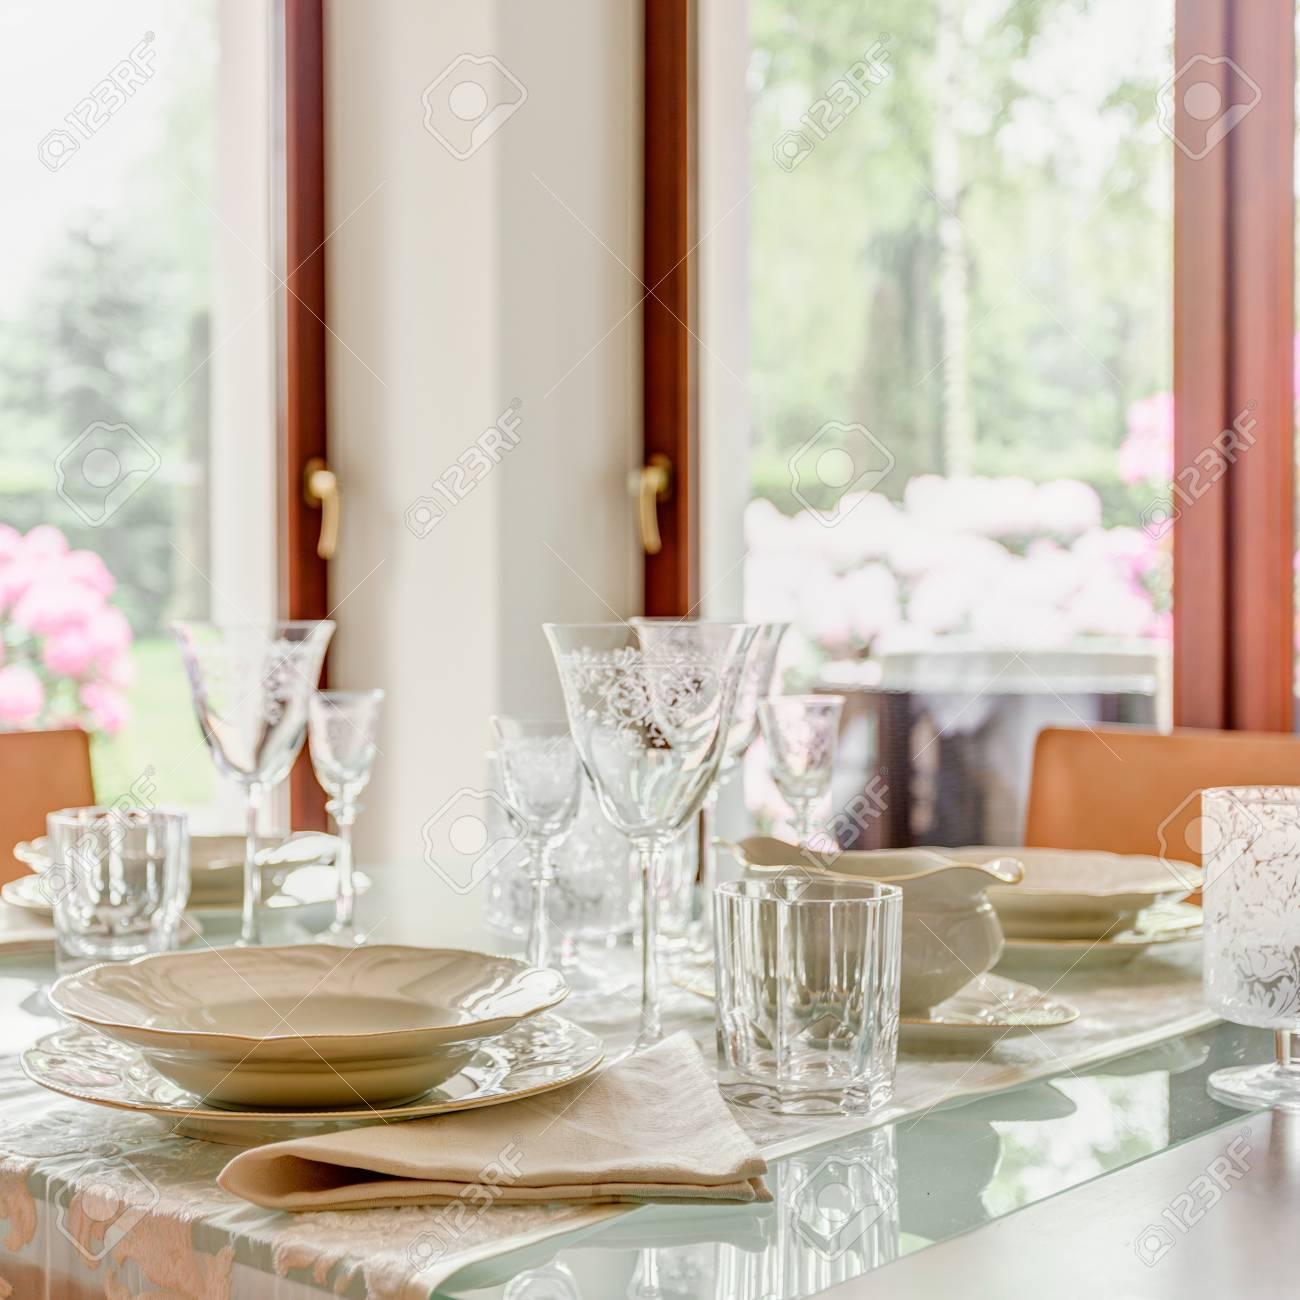 Calici Di Cristallo E Porcellana Da Tavola Sul Tavolo Foto Royalty ...